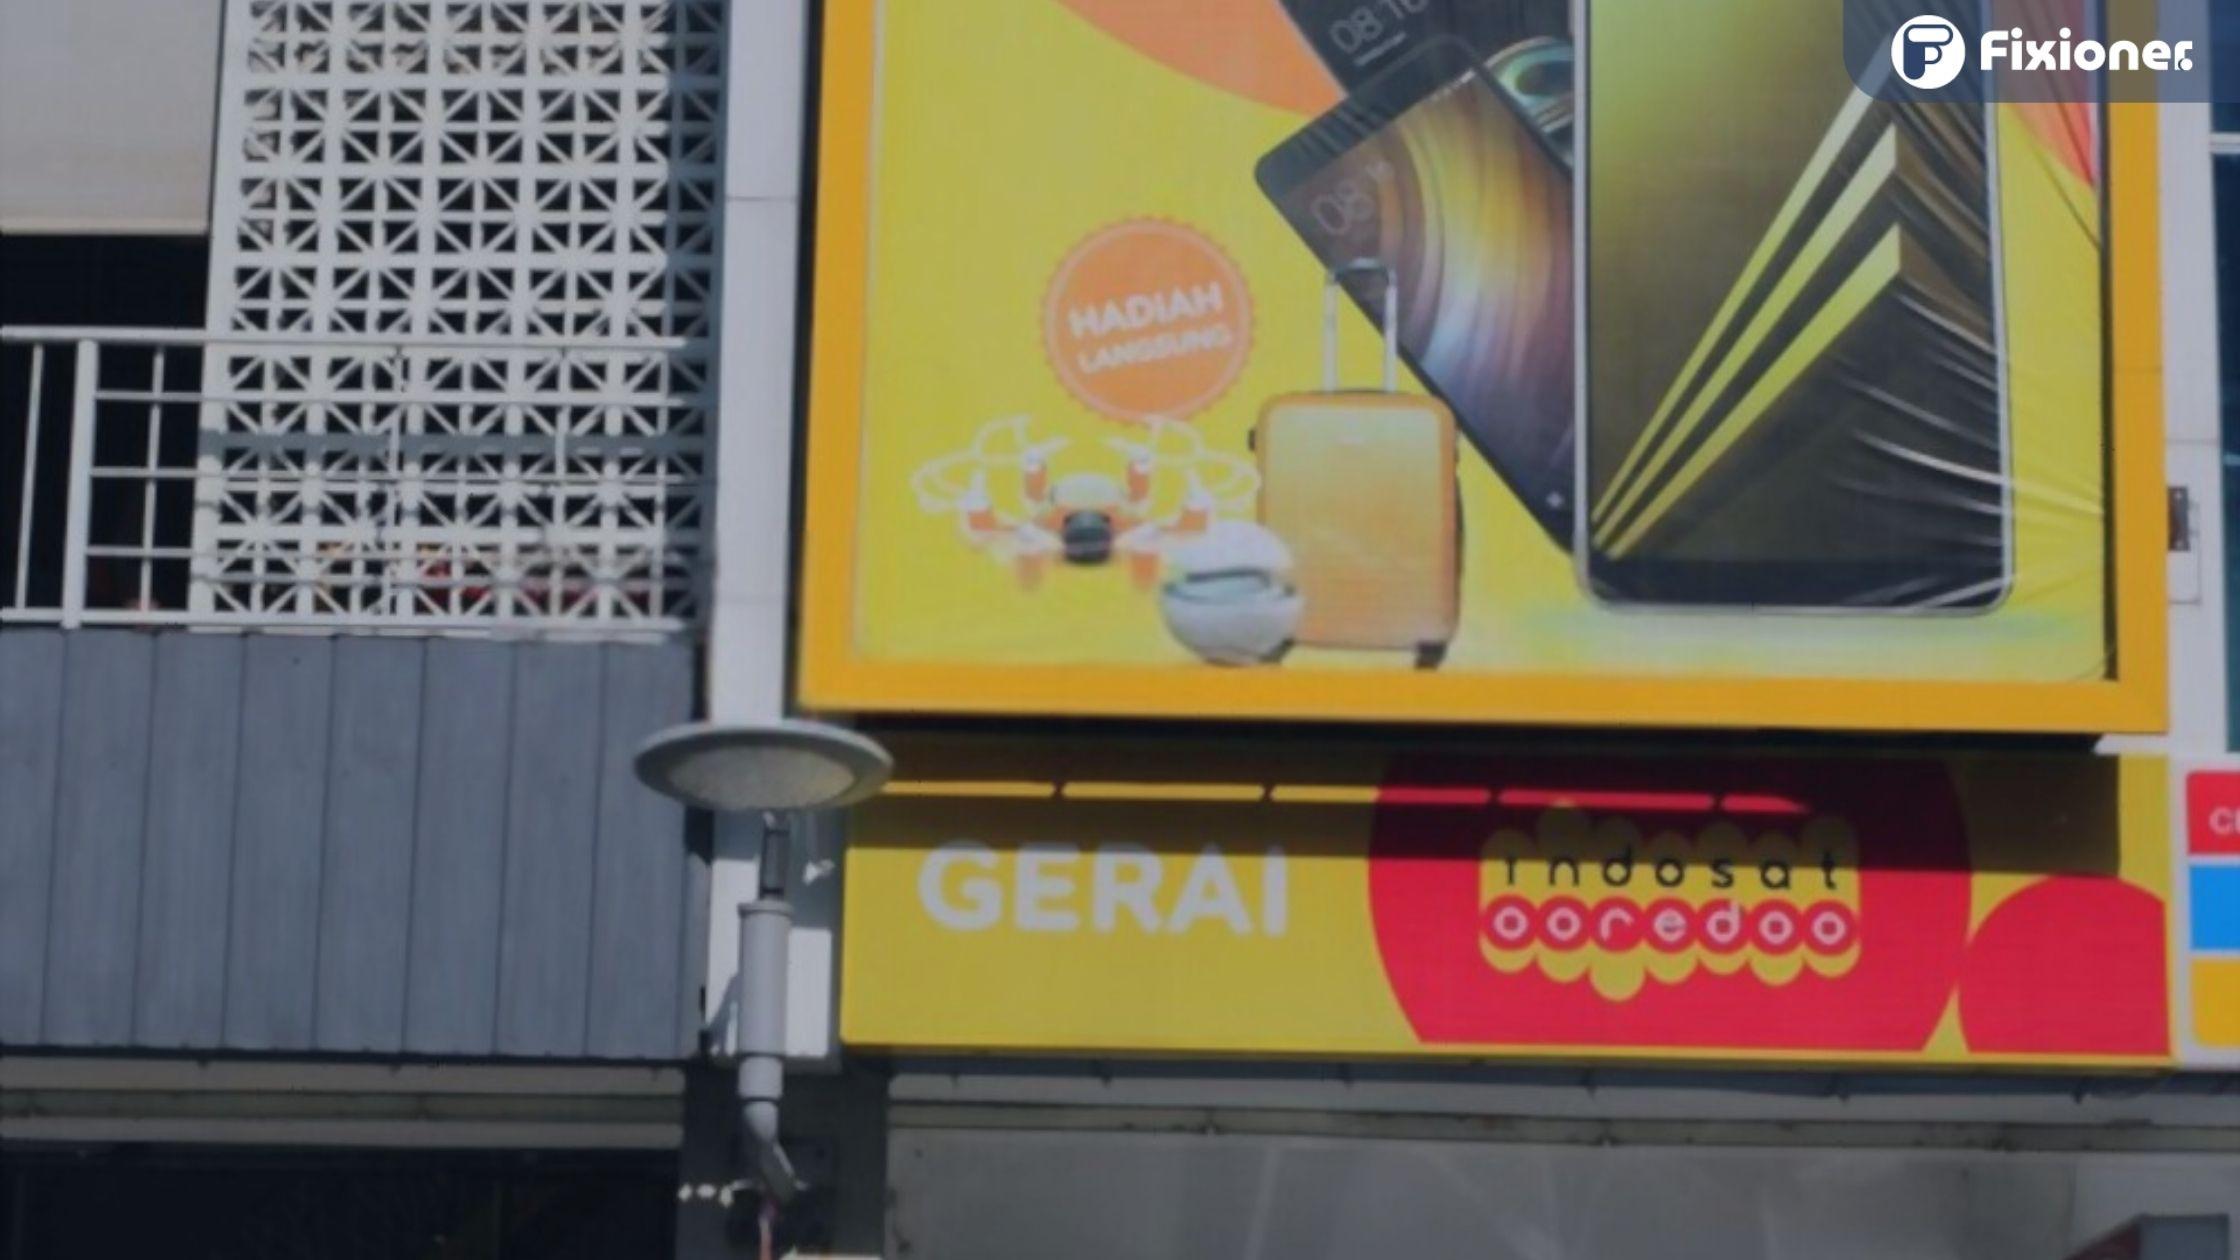 Upgrade Kartu Indosat 3G ke 4G Tanpa Datang Ke Gerai Indosat